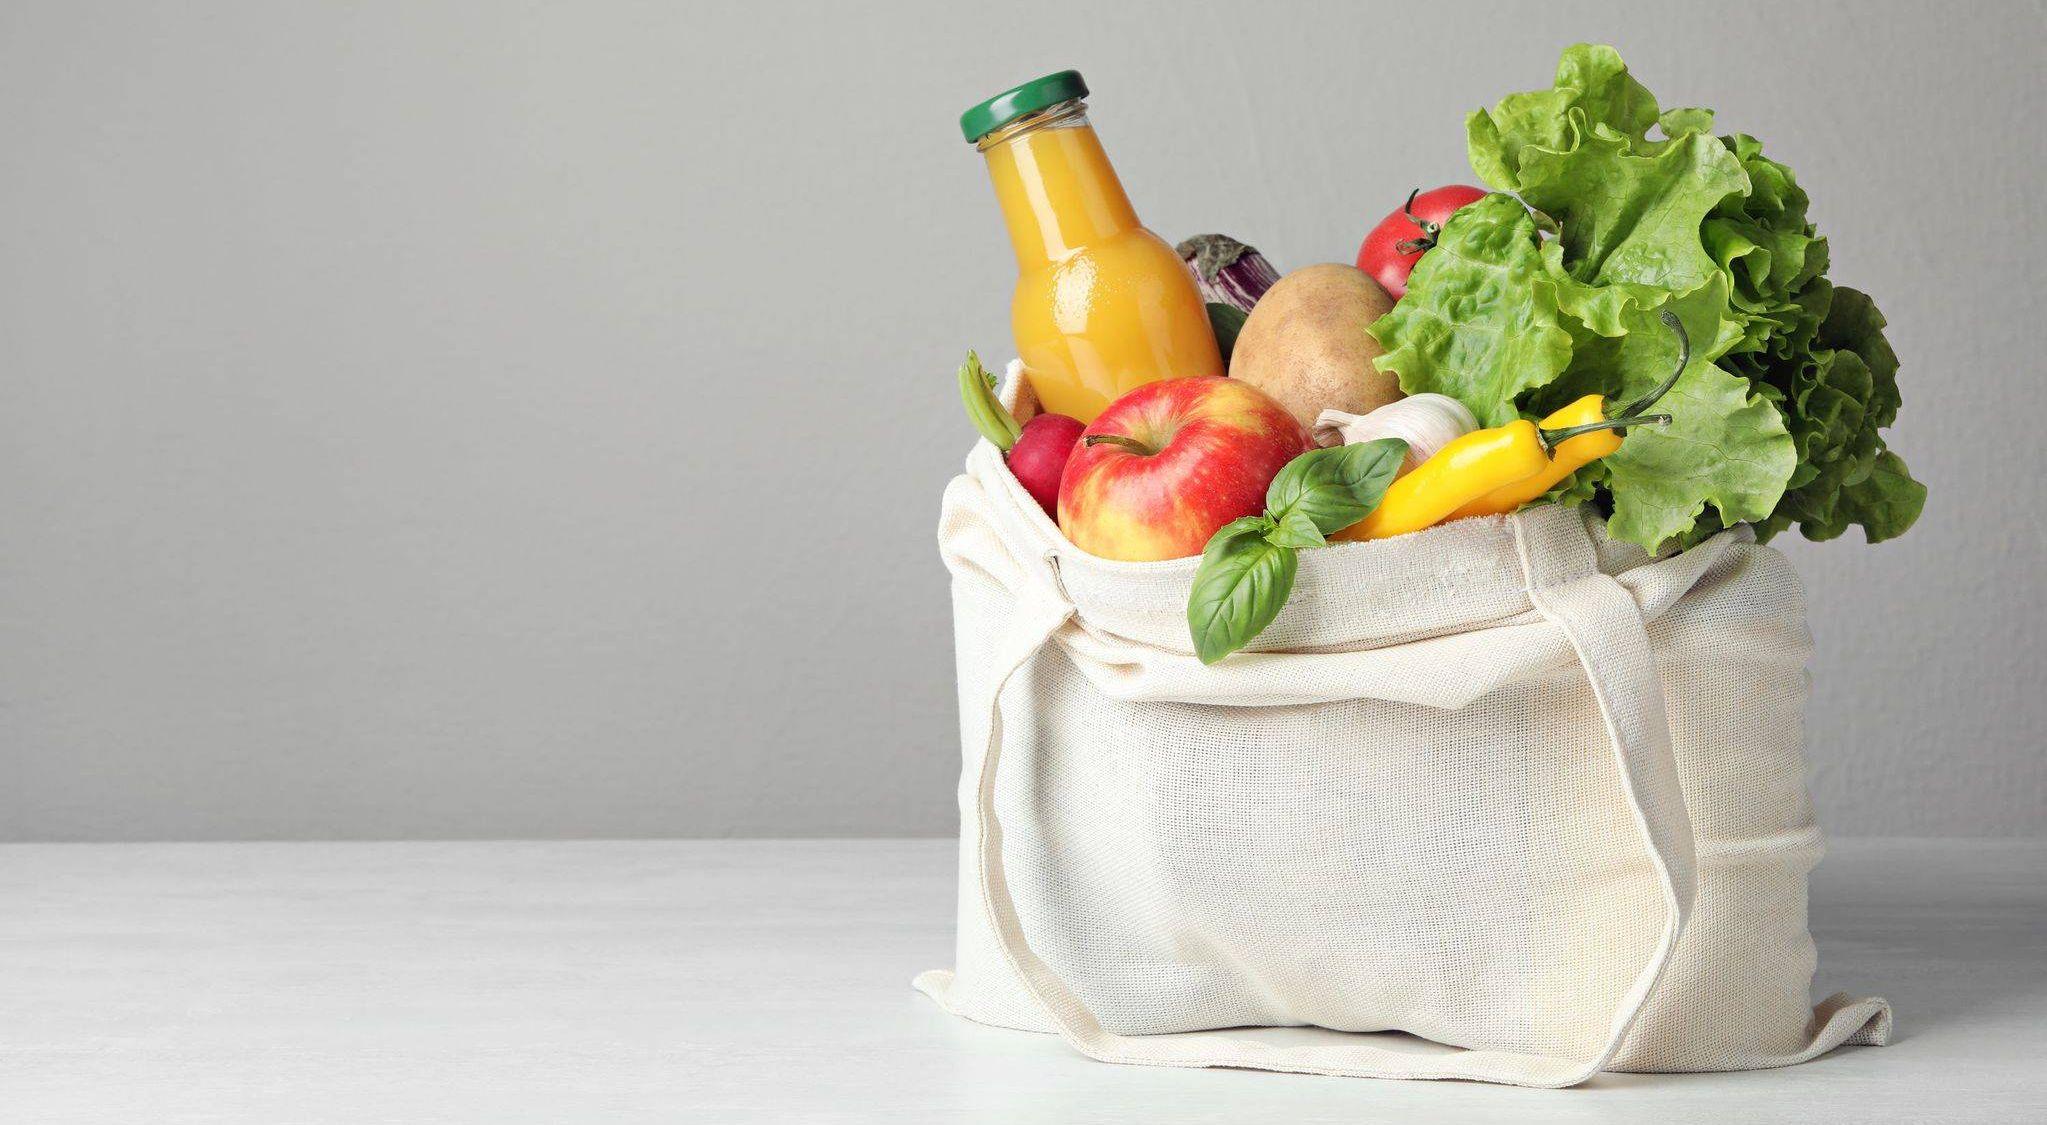 Bank Żywności w Chojnicach na bieżąco przyjmuje dostawy żywności i prowadzi wydania